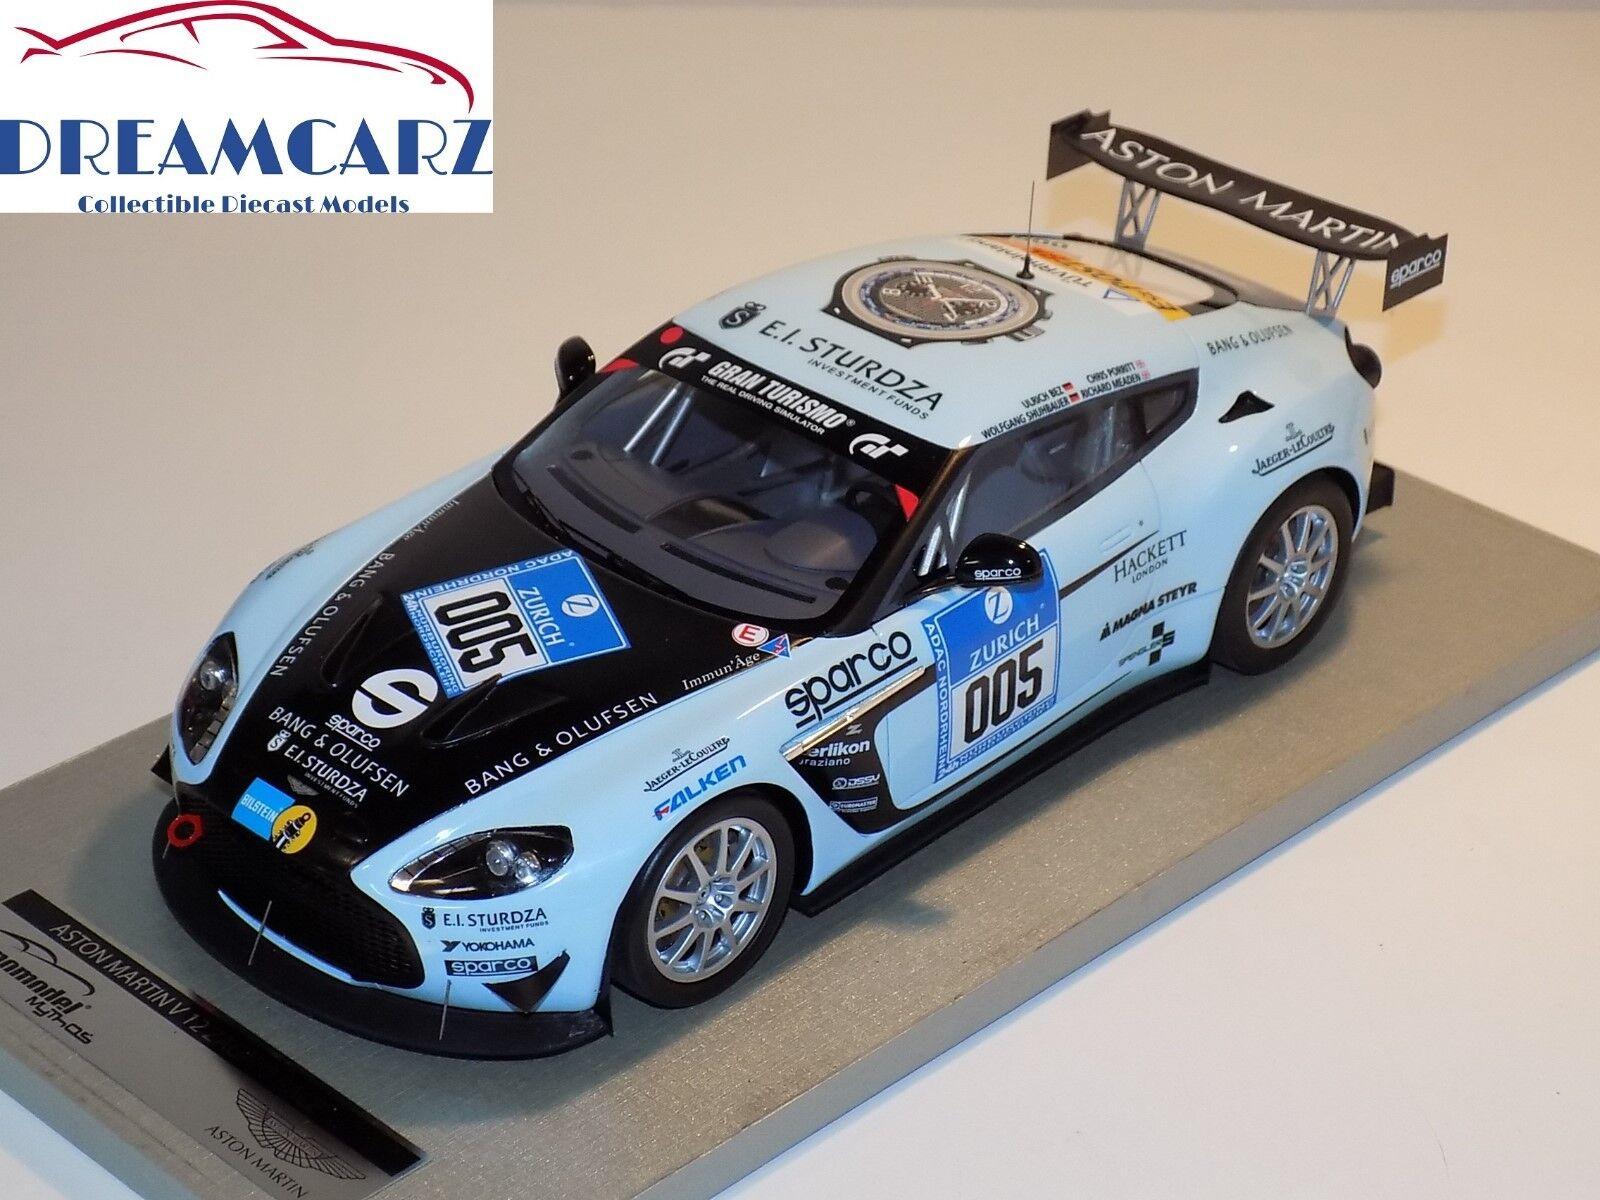 TECNOMODEL 1 18 TM1801H Aston Martin V12 Zagato Limited 200 pcs